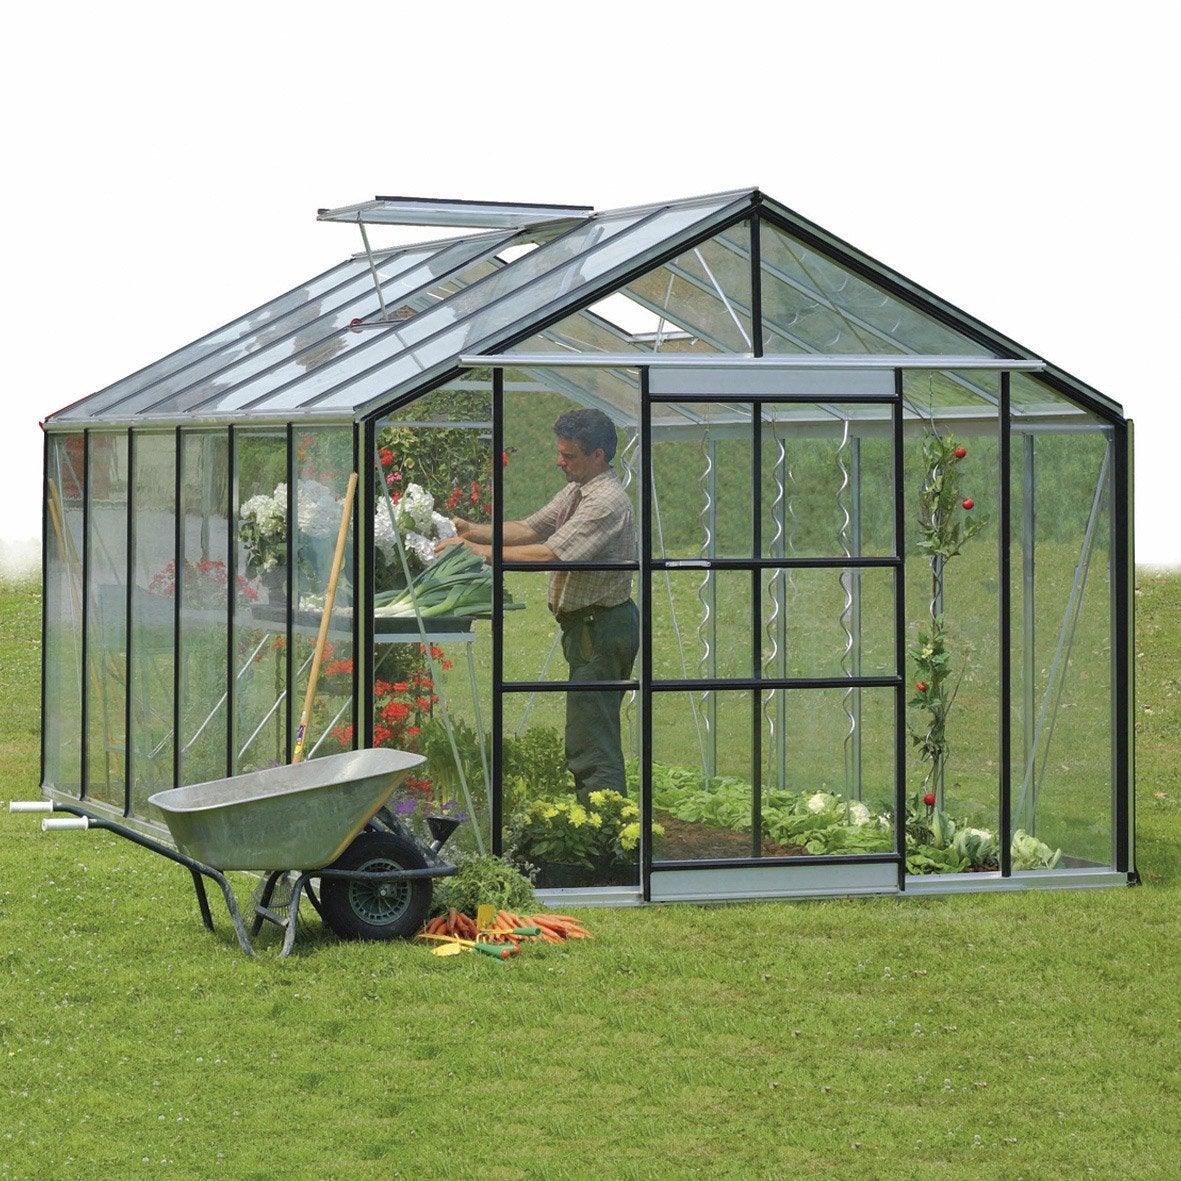 serre de jardin en verre tremp affinity 13692 m - Serre De Jardin